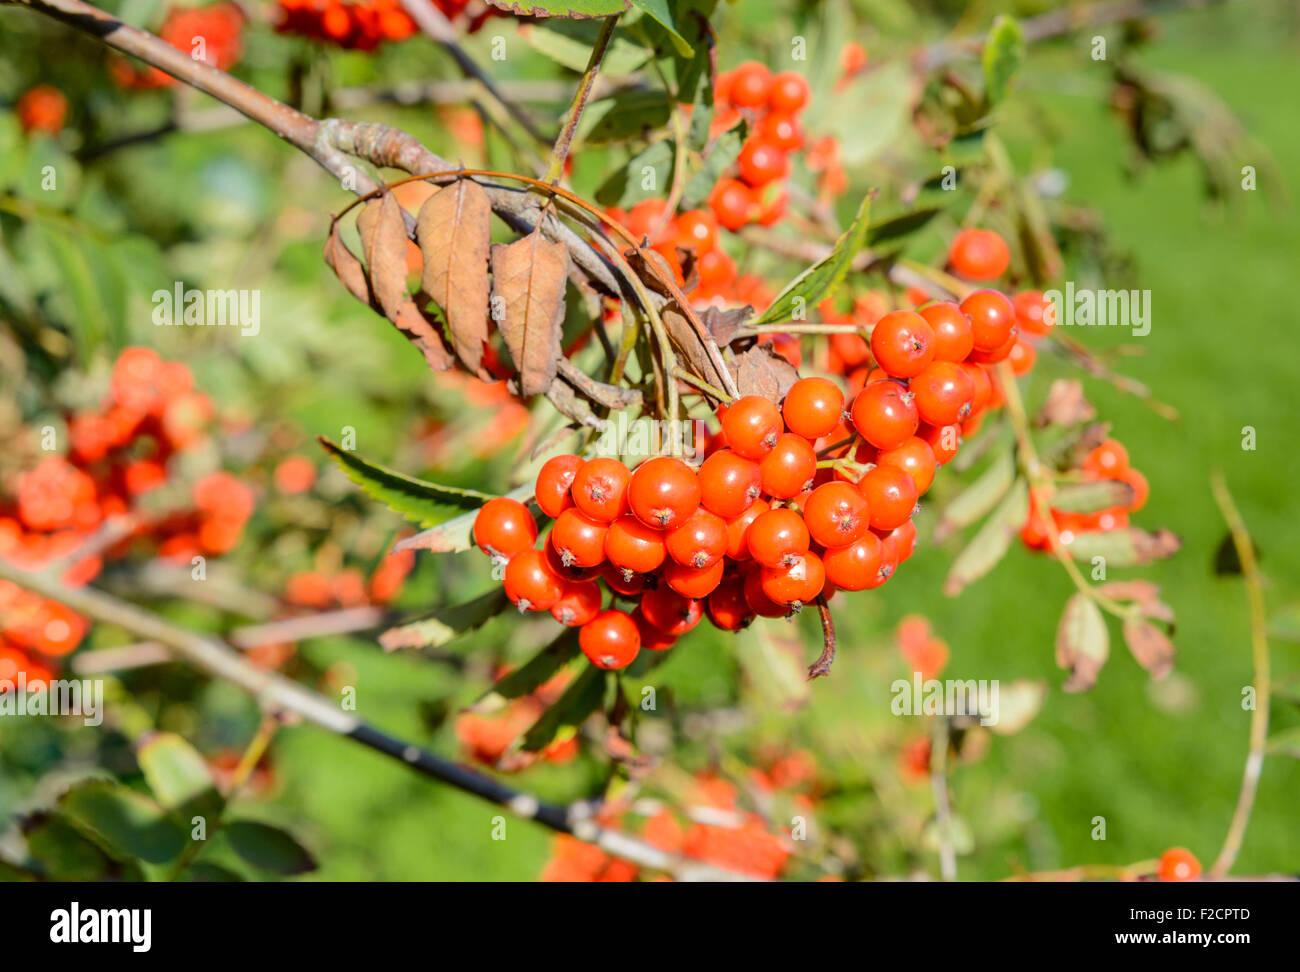 Sorbus aucuparia. Beeren von einem Berg Esche (Rowan Tree) im frühen Herbst in Großbritannien. Stockbild